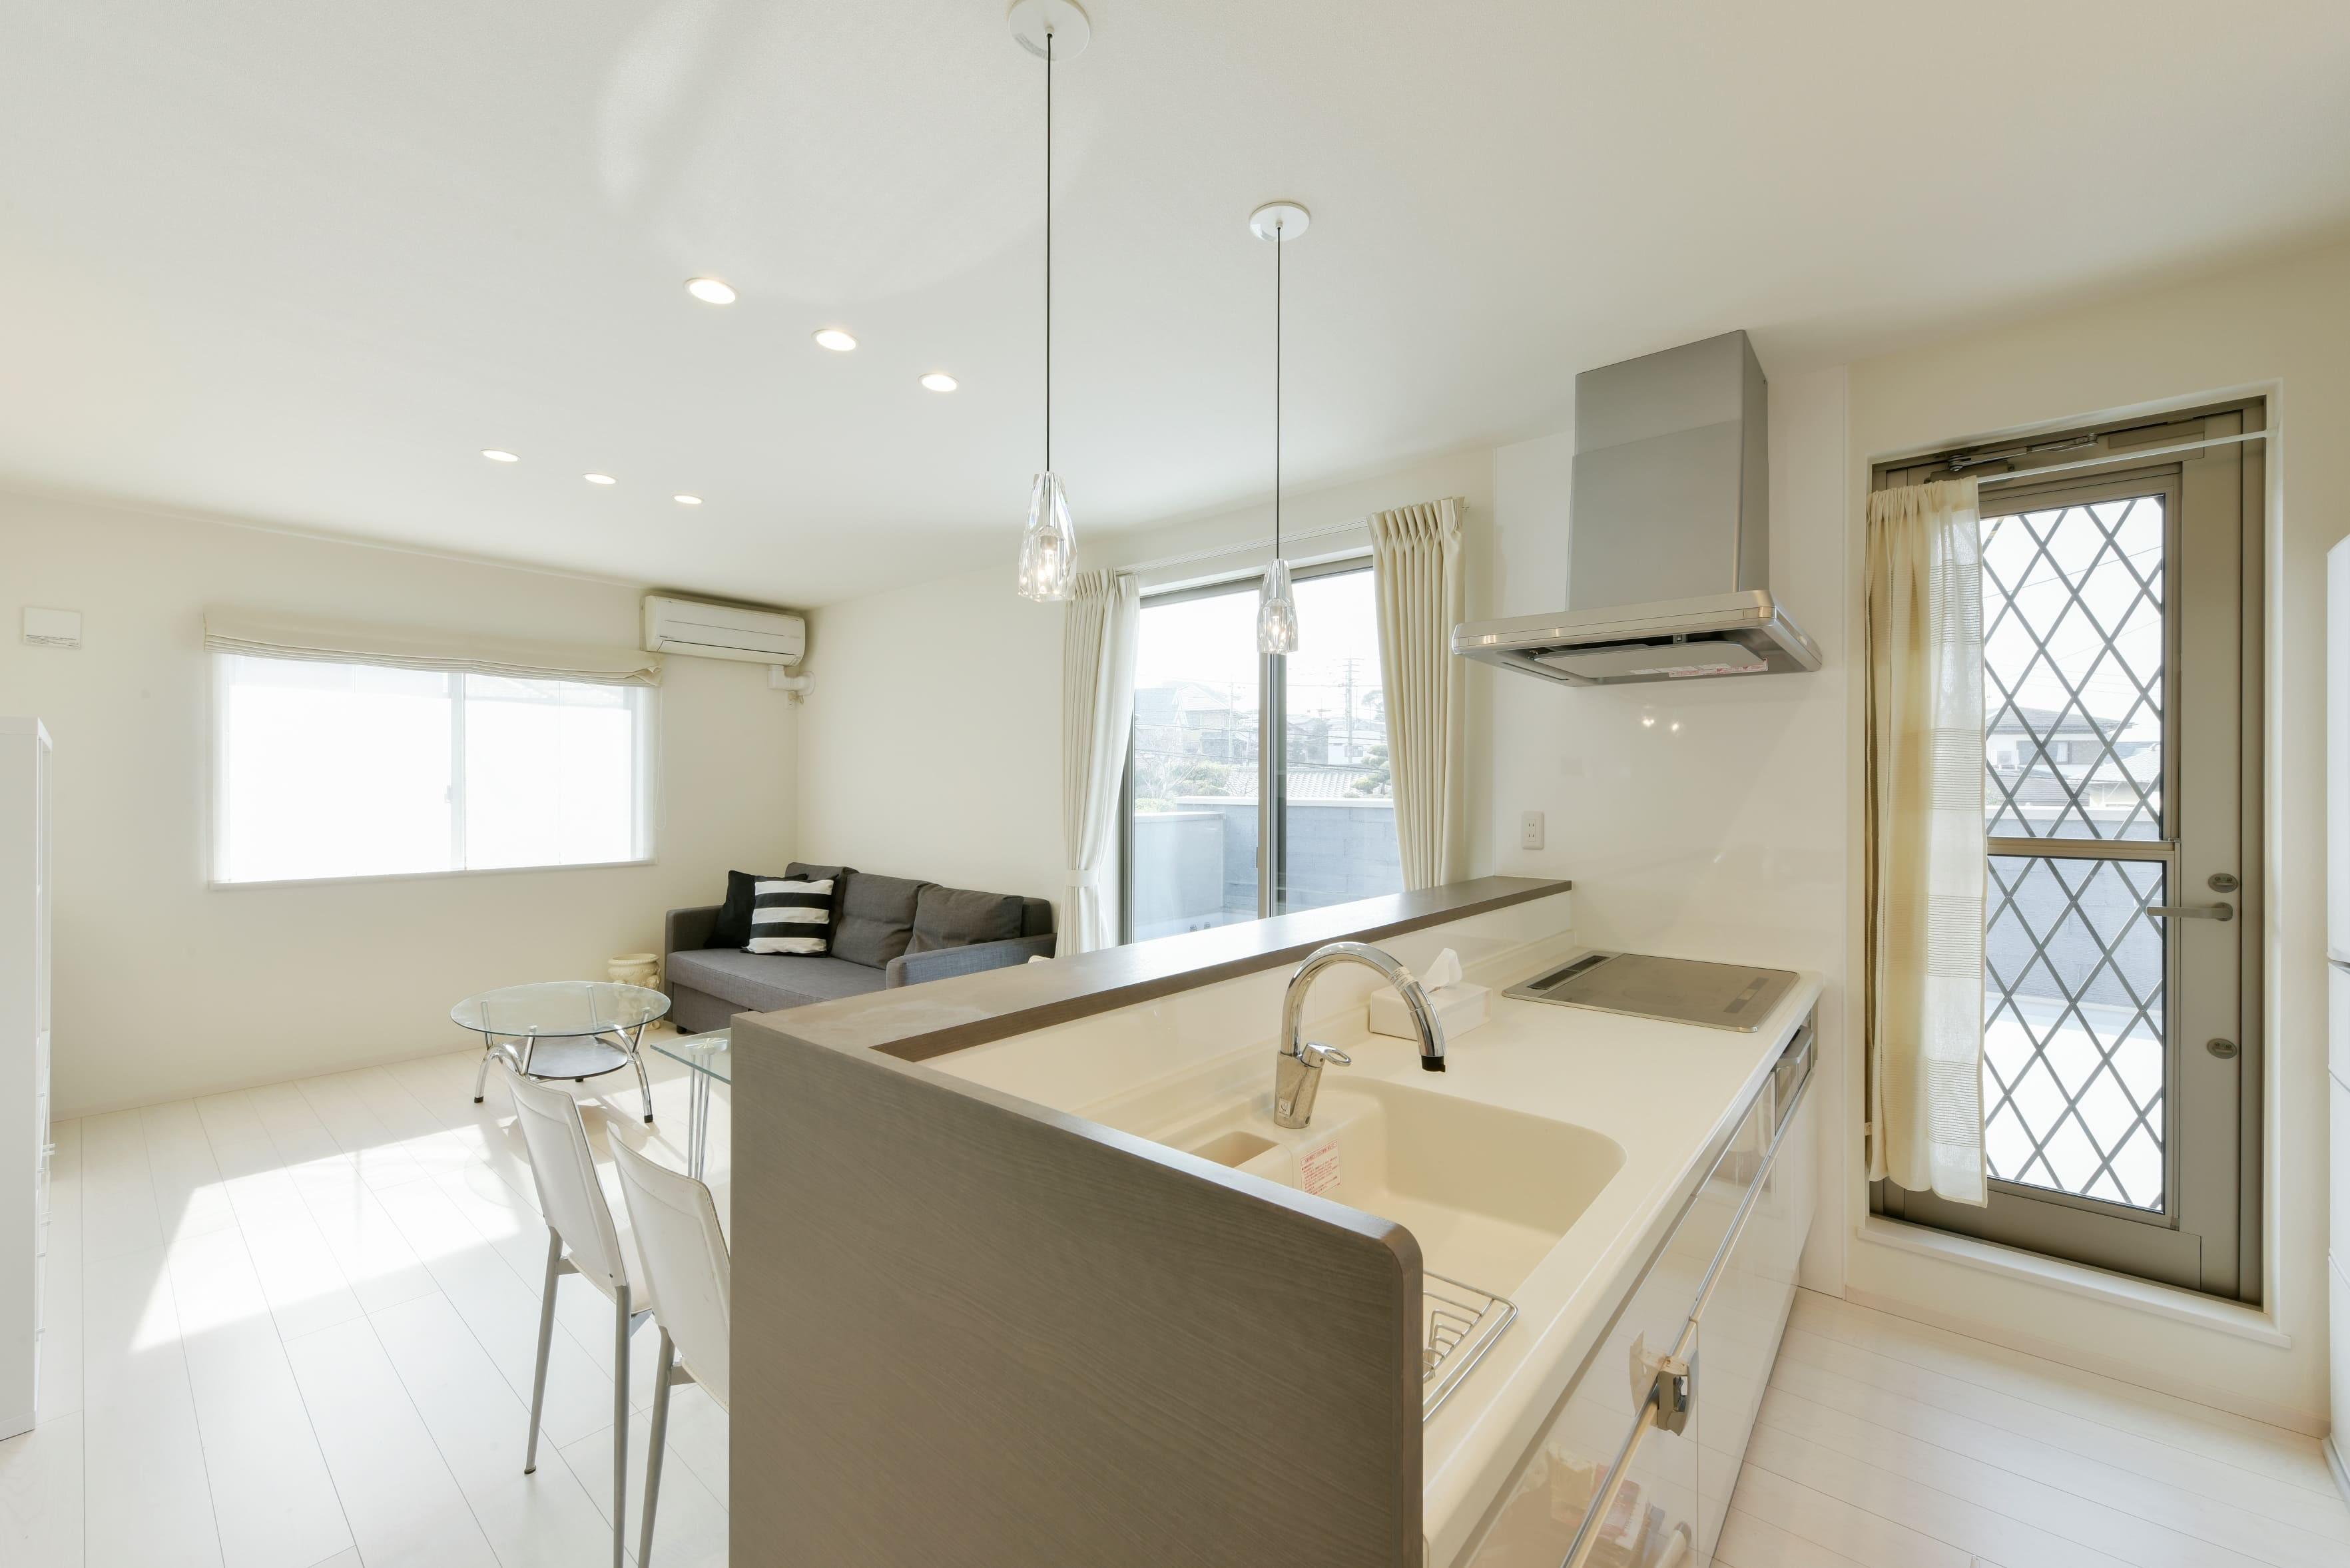 リビングダイニング事例:2階のキッチン(奥様の実家を増築して二世帯住宅にリフォーム。LDを広げて開放感あふれる空間に。)